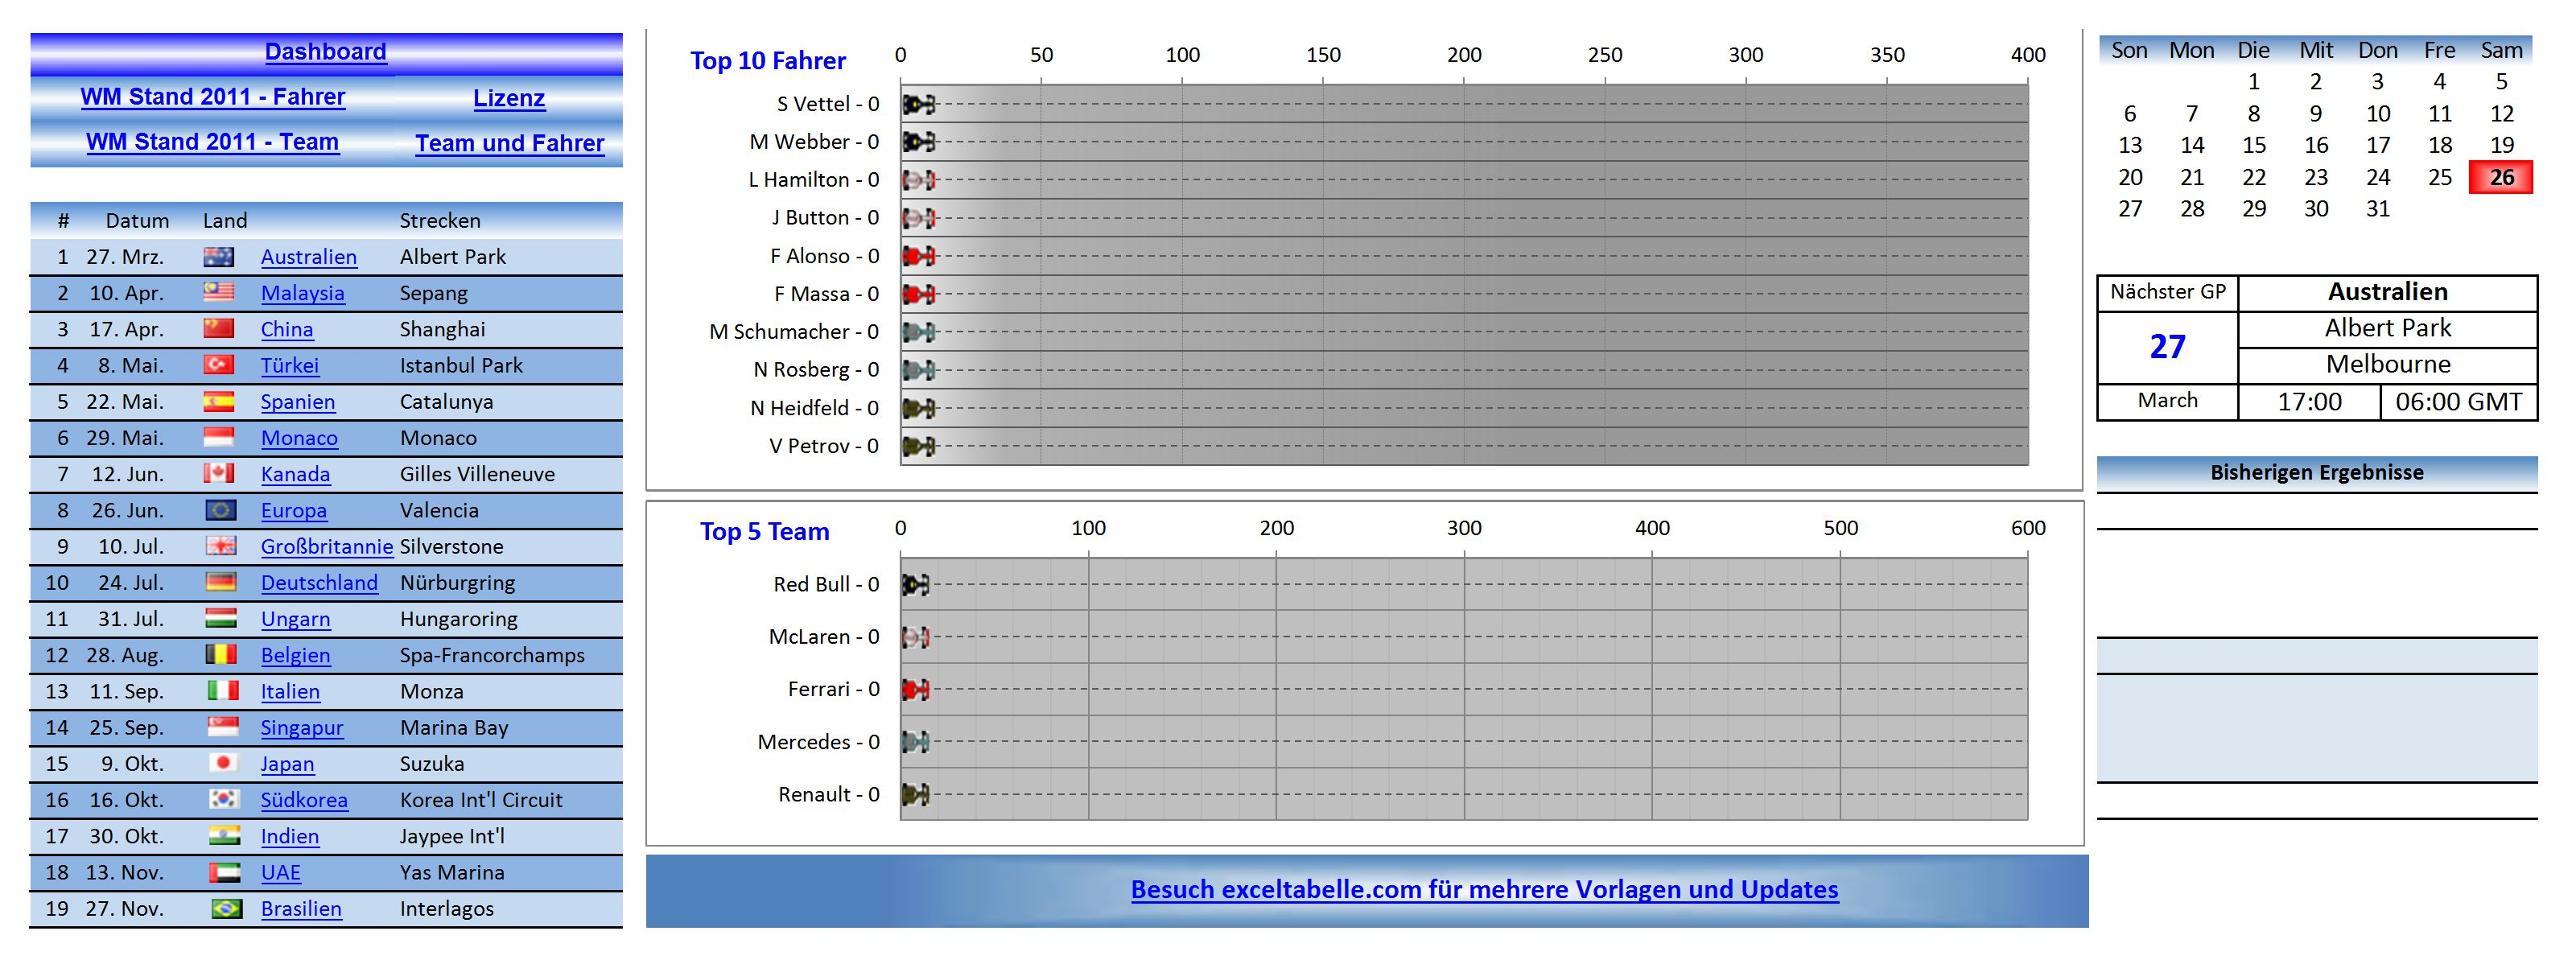 Formel-1-2011-Kalender